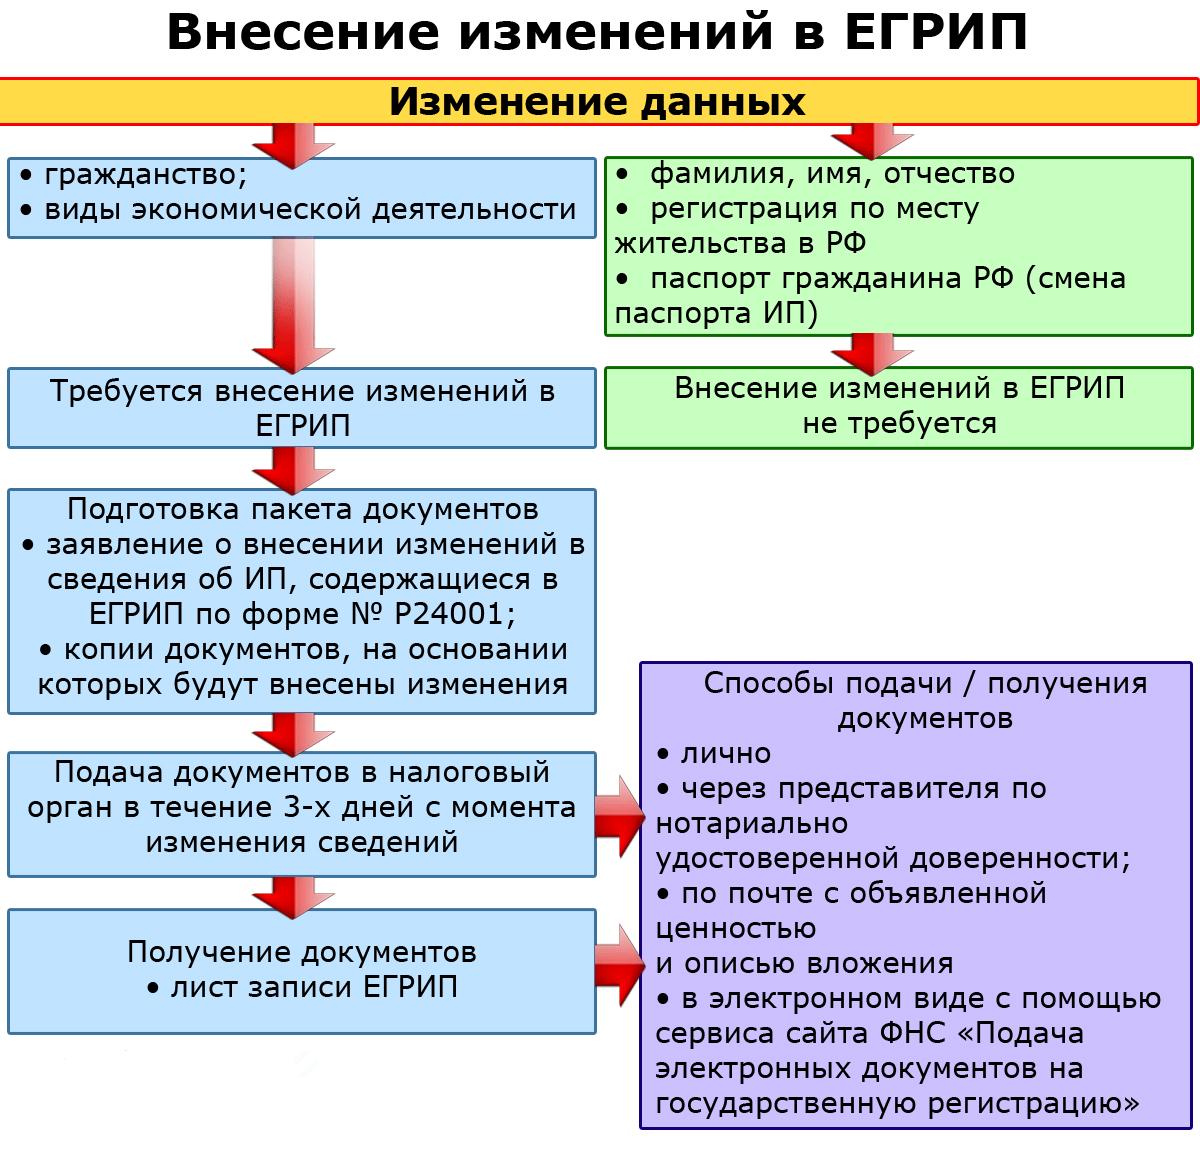 Внесение изменений в регистрационные данные ип